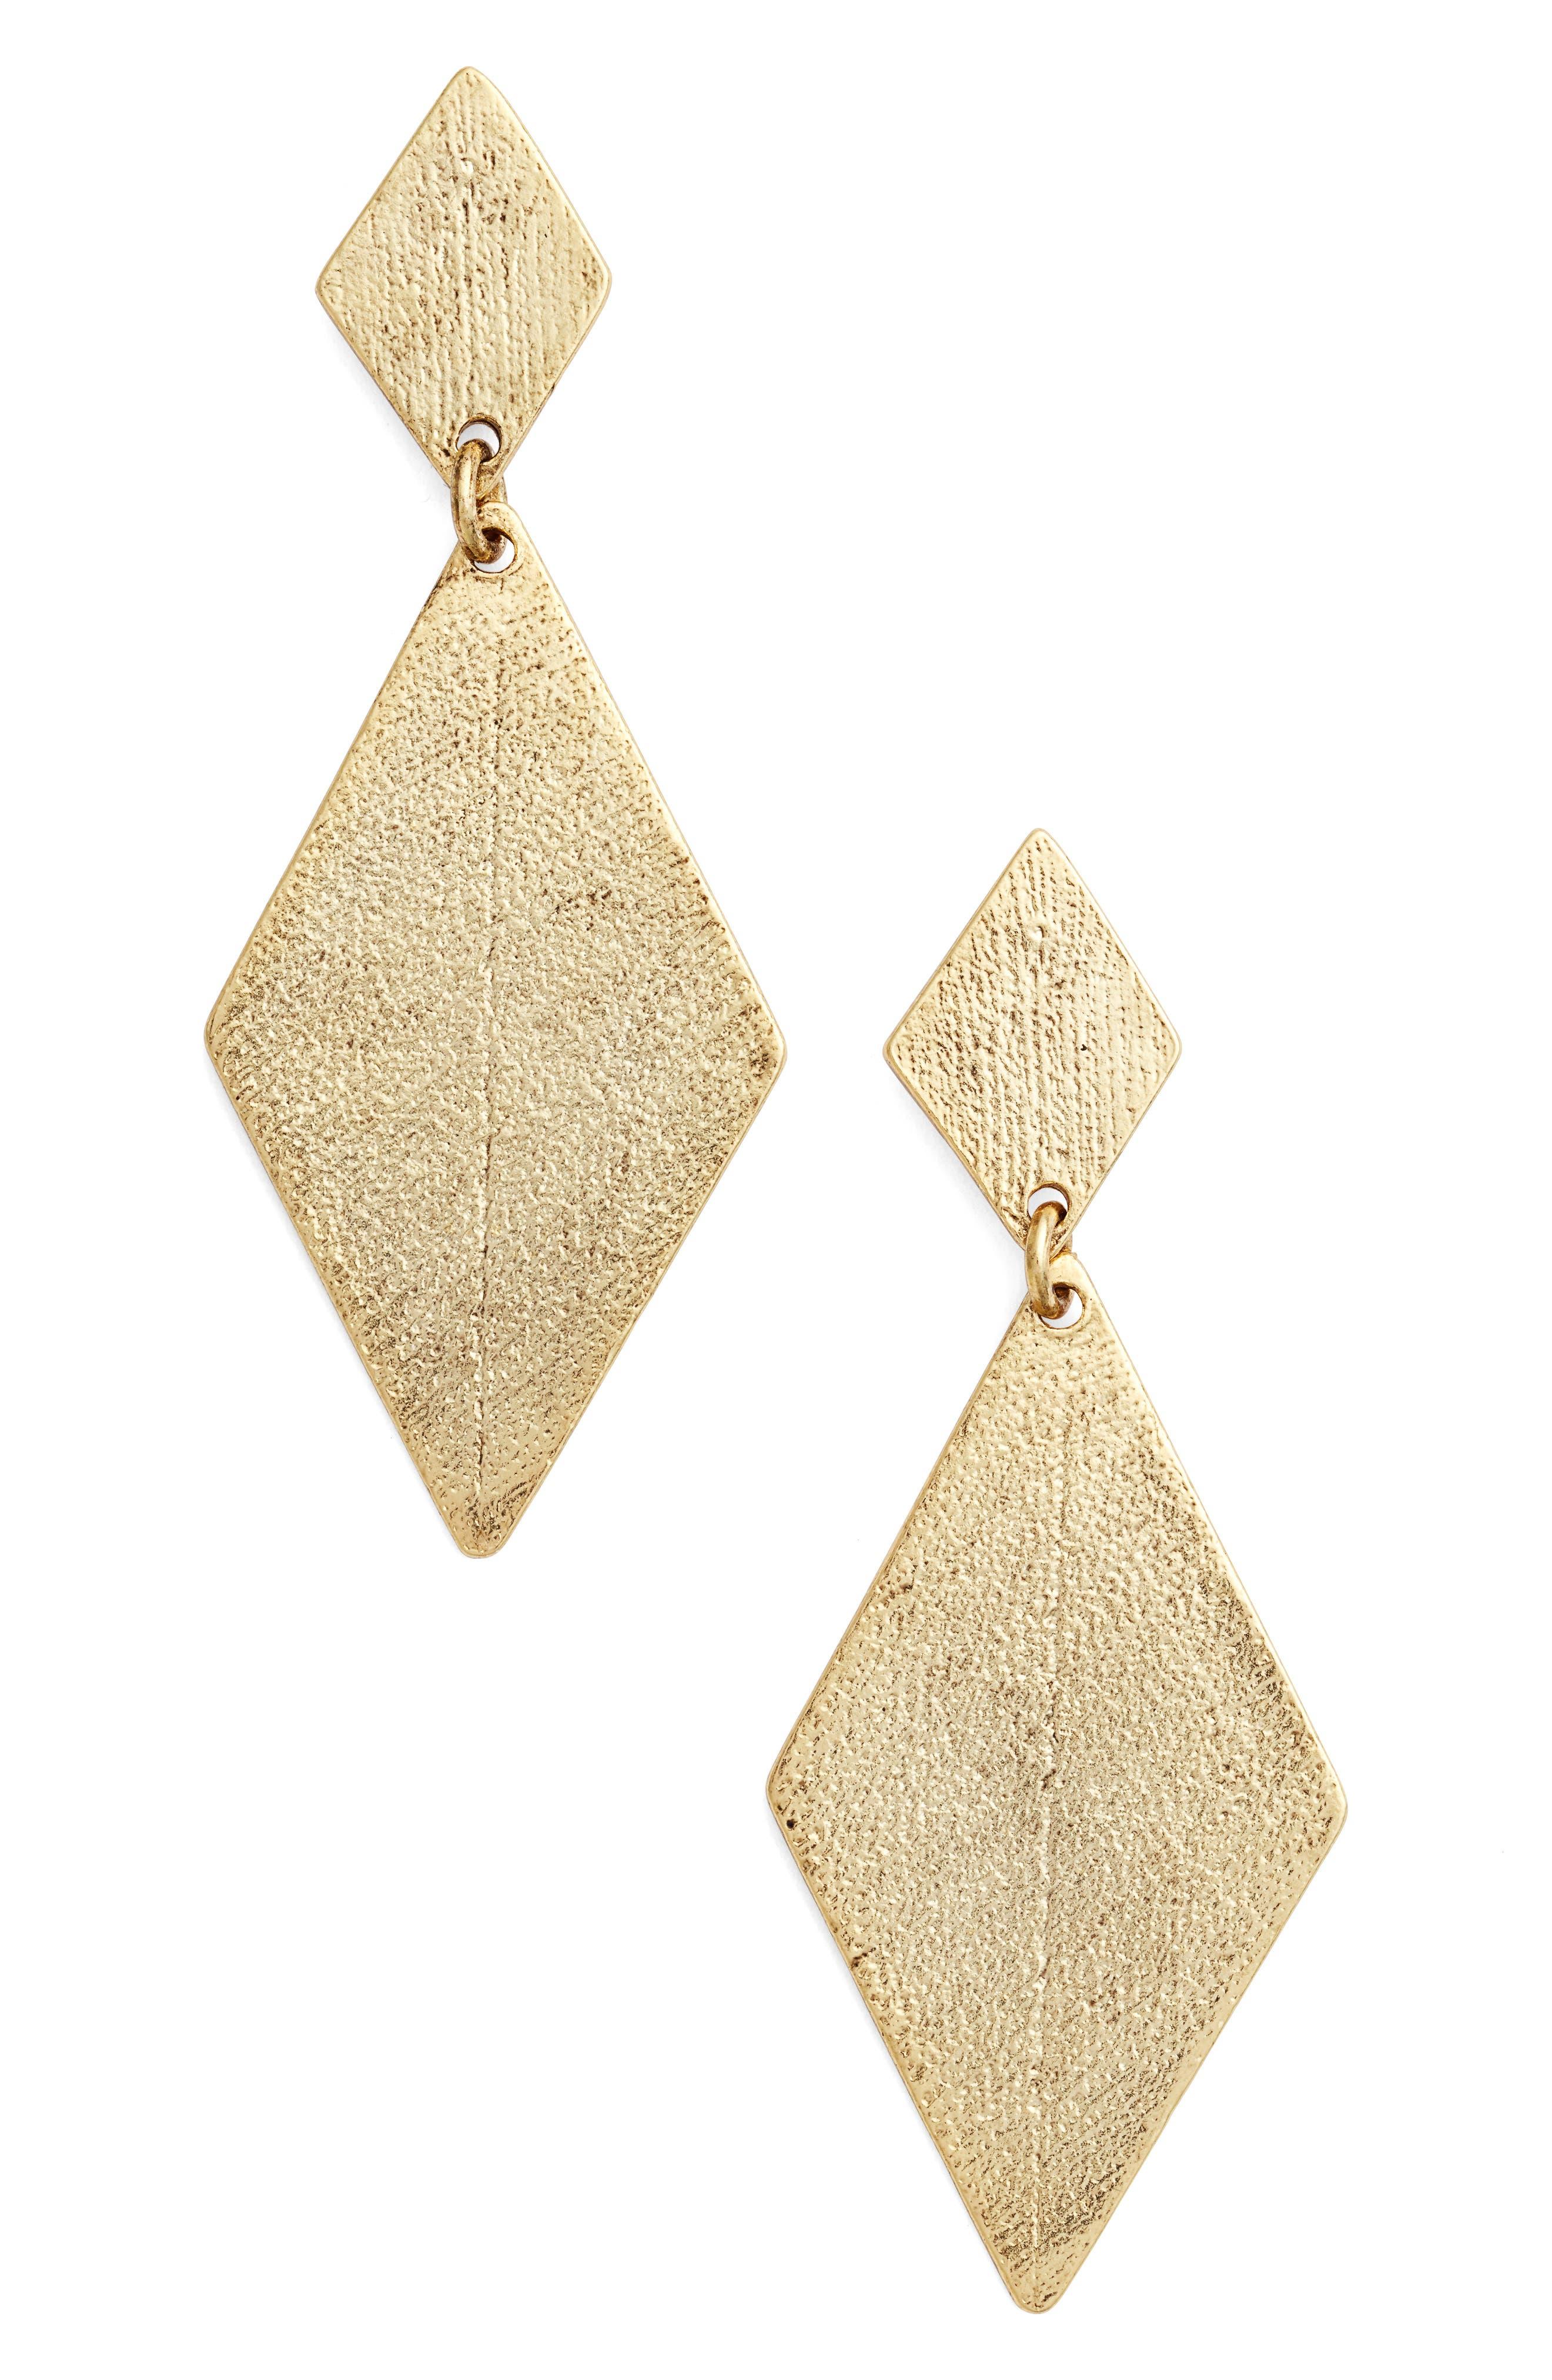 Karine Sultan Kite Earrings